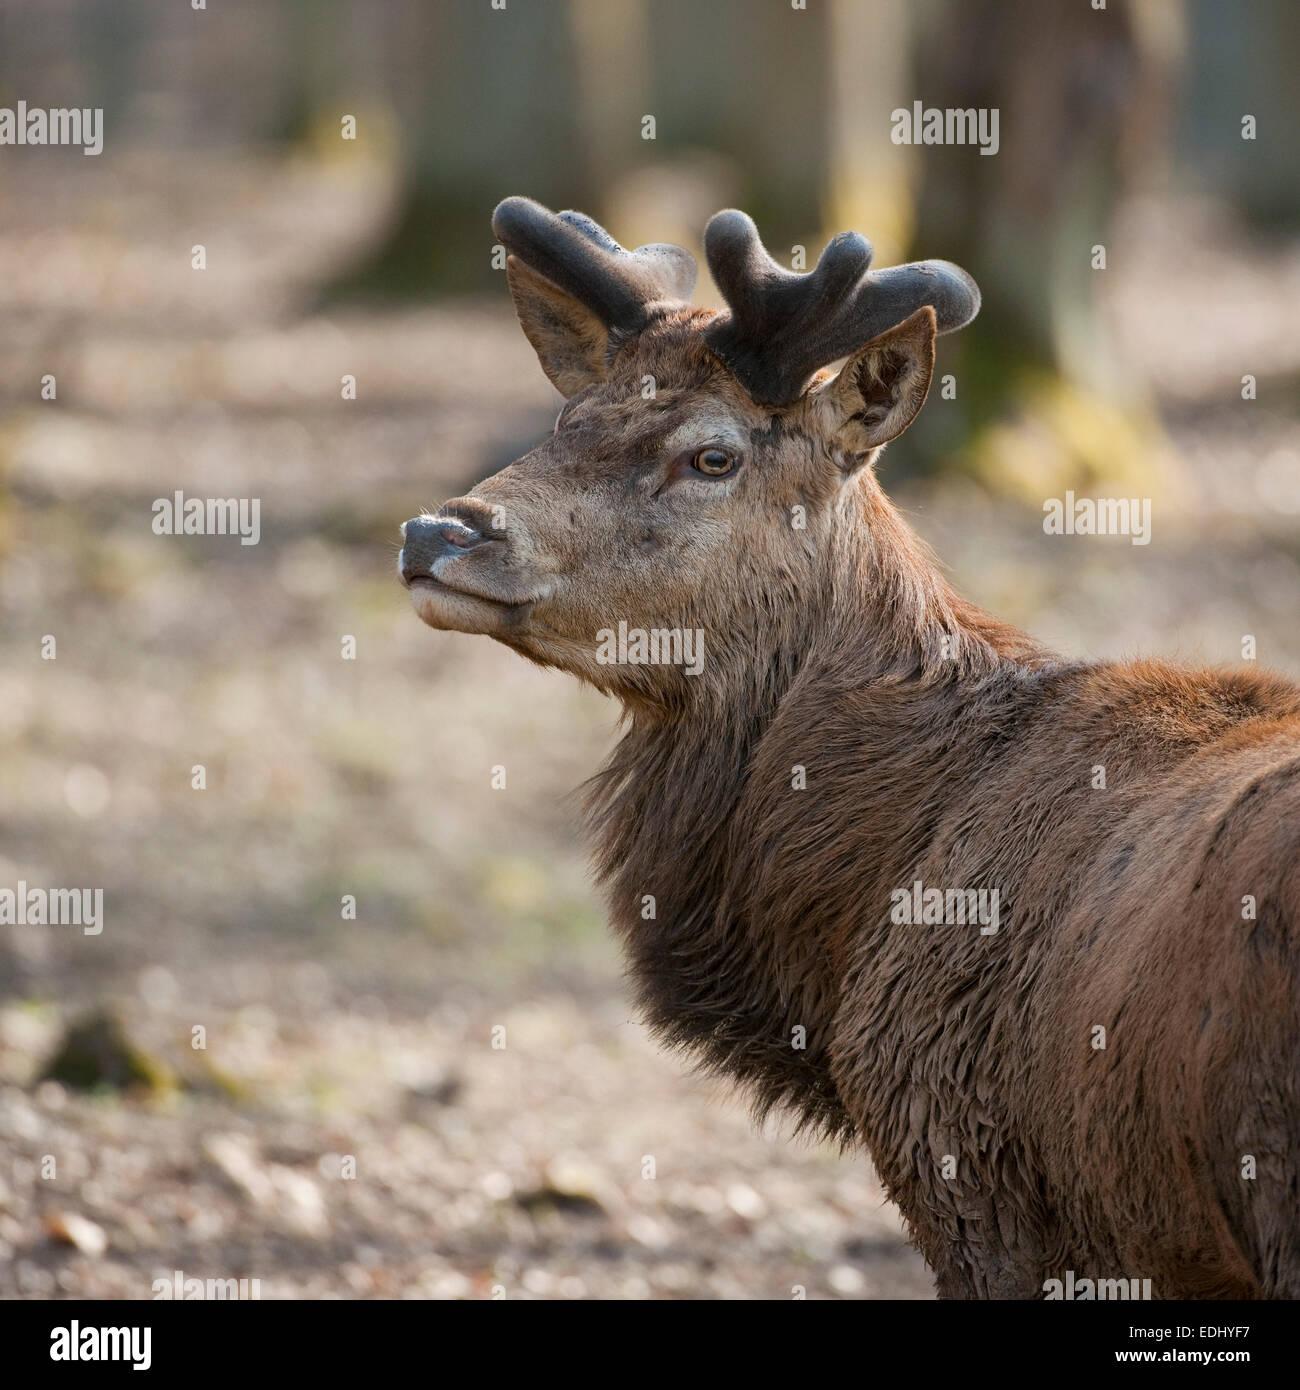 Red Deer (Cervus elaphus), stag with velvet antlers, captive, Bavaria, Germany - Stock Image